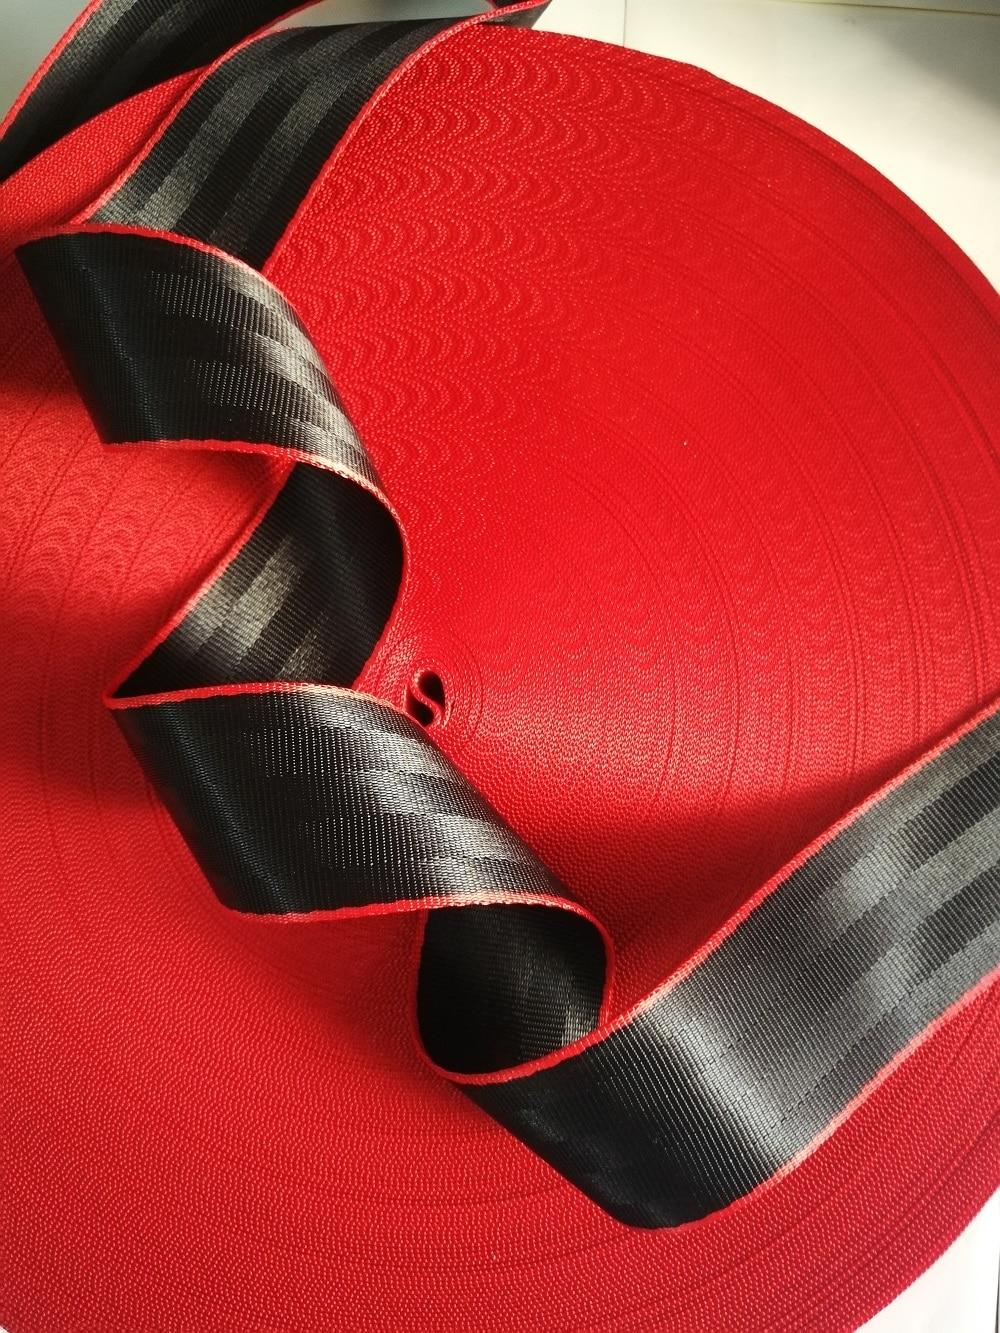 Черно-красная лента для автомобильного ремня безопасности 3-36 м, универсальная лента для автомобильного ремня безопасности, индивидуальная...